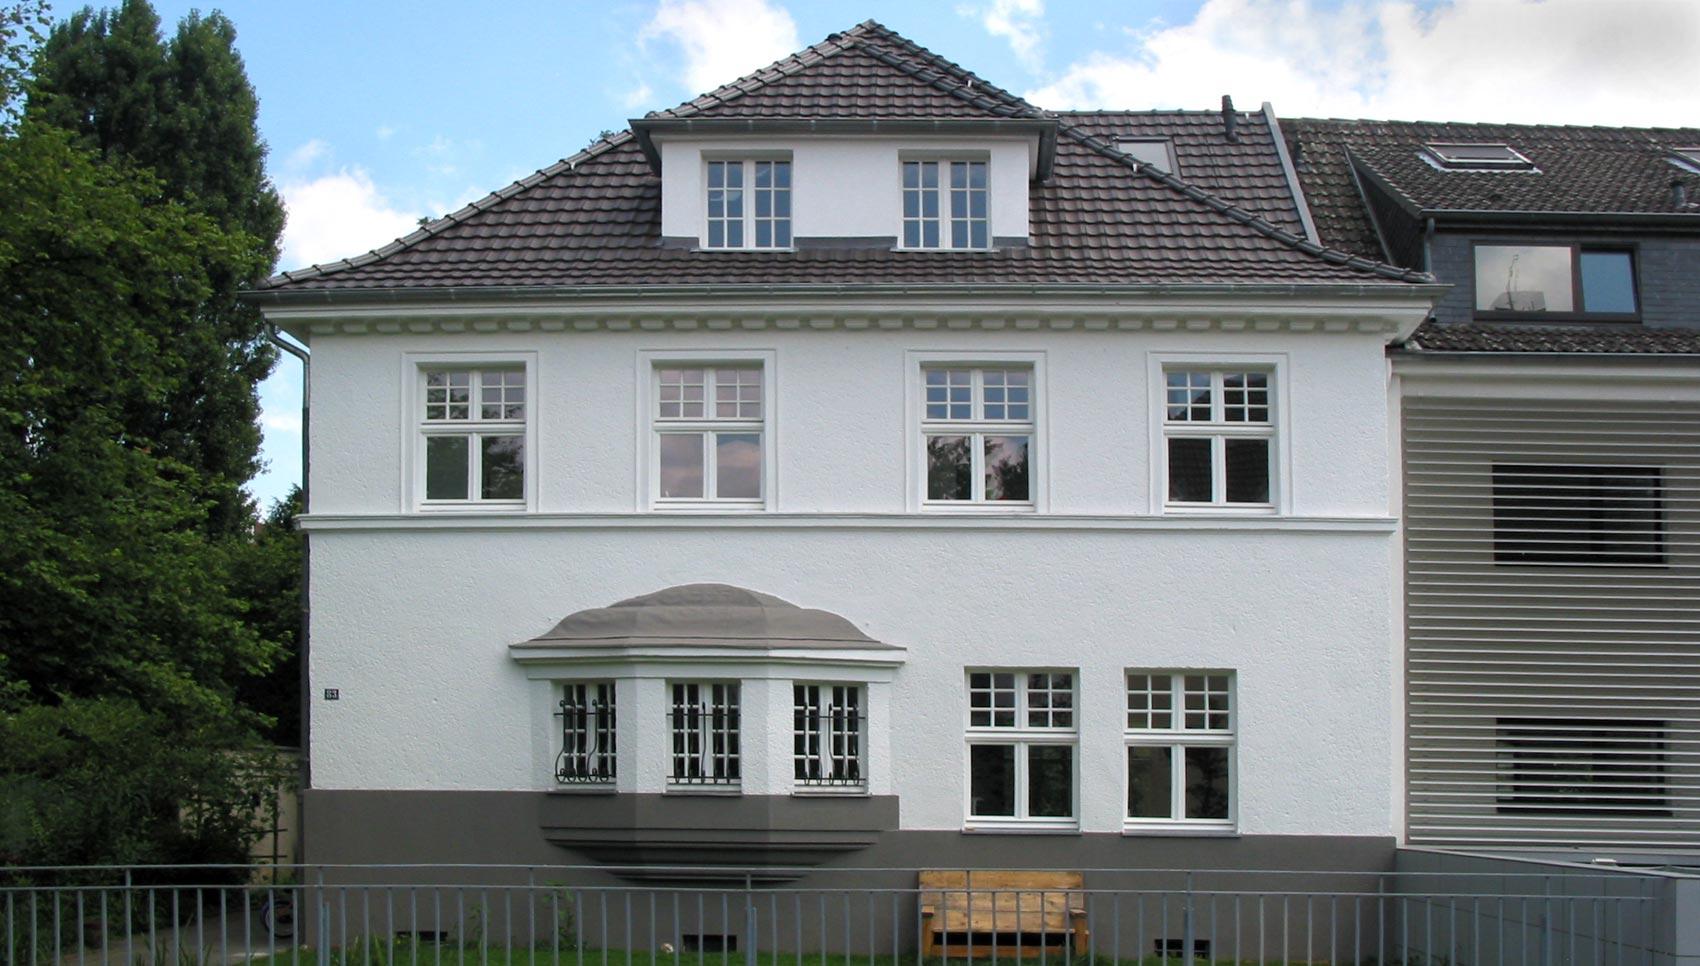 Altbau Hölderlinstraße Altbaumodernisierung in Köln